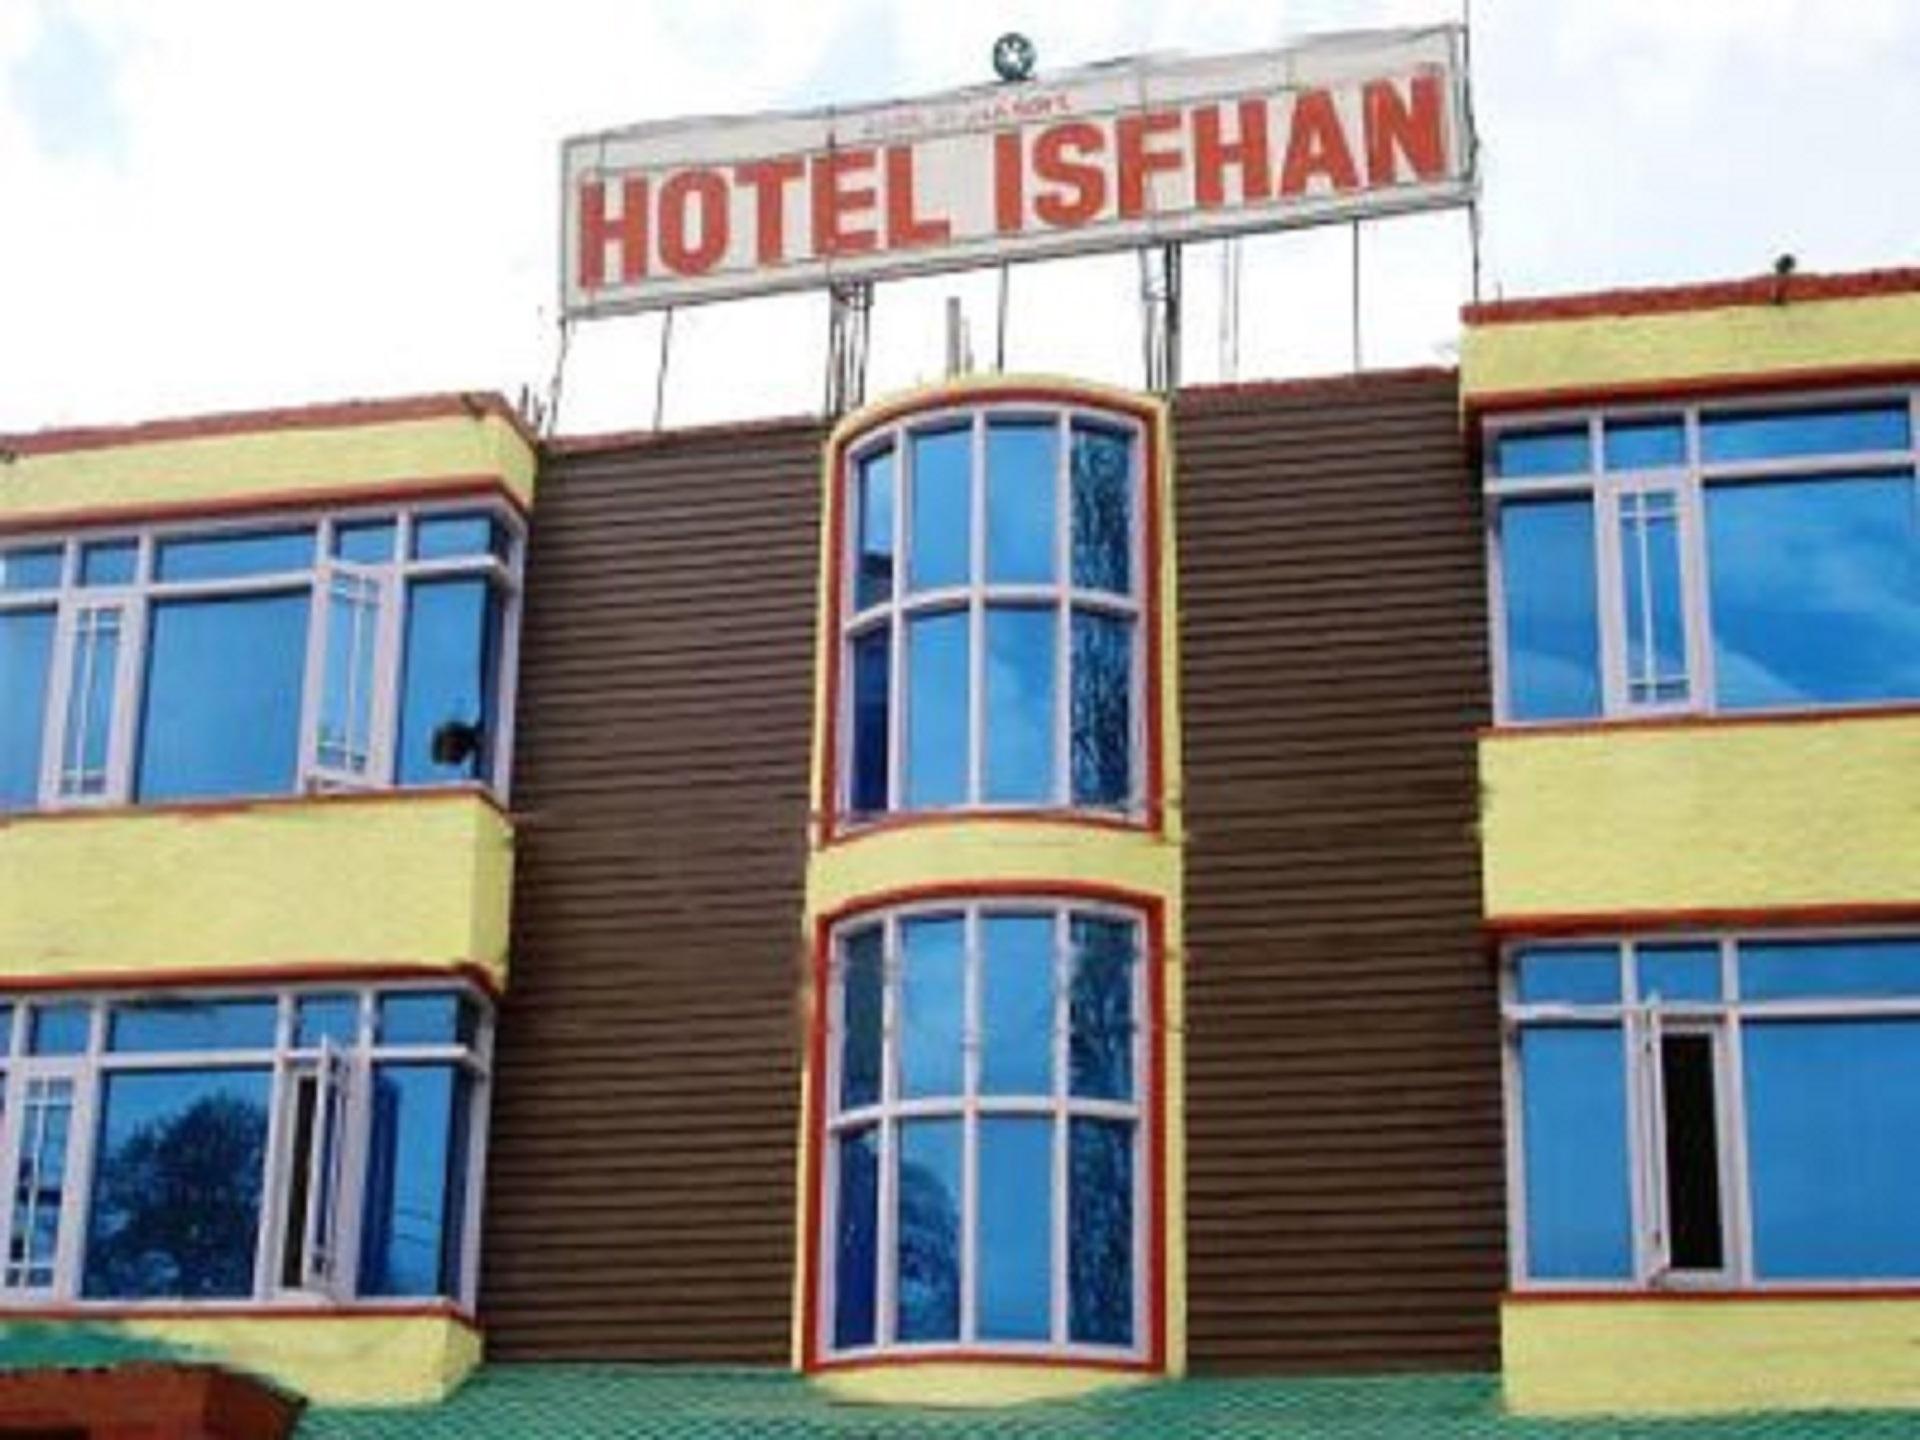 Hotel Ishfan